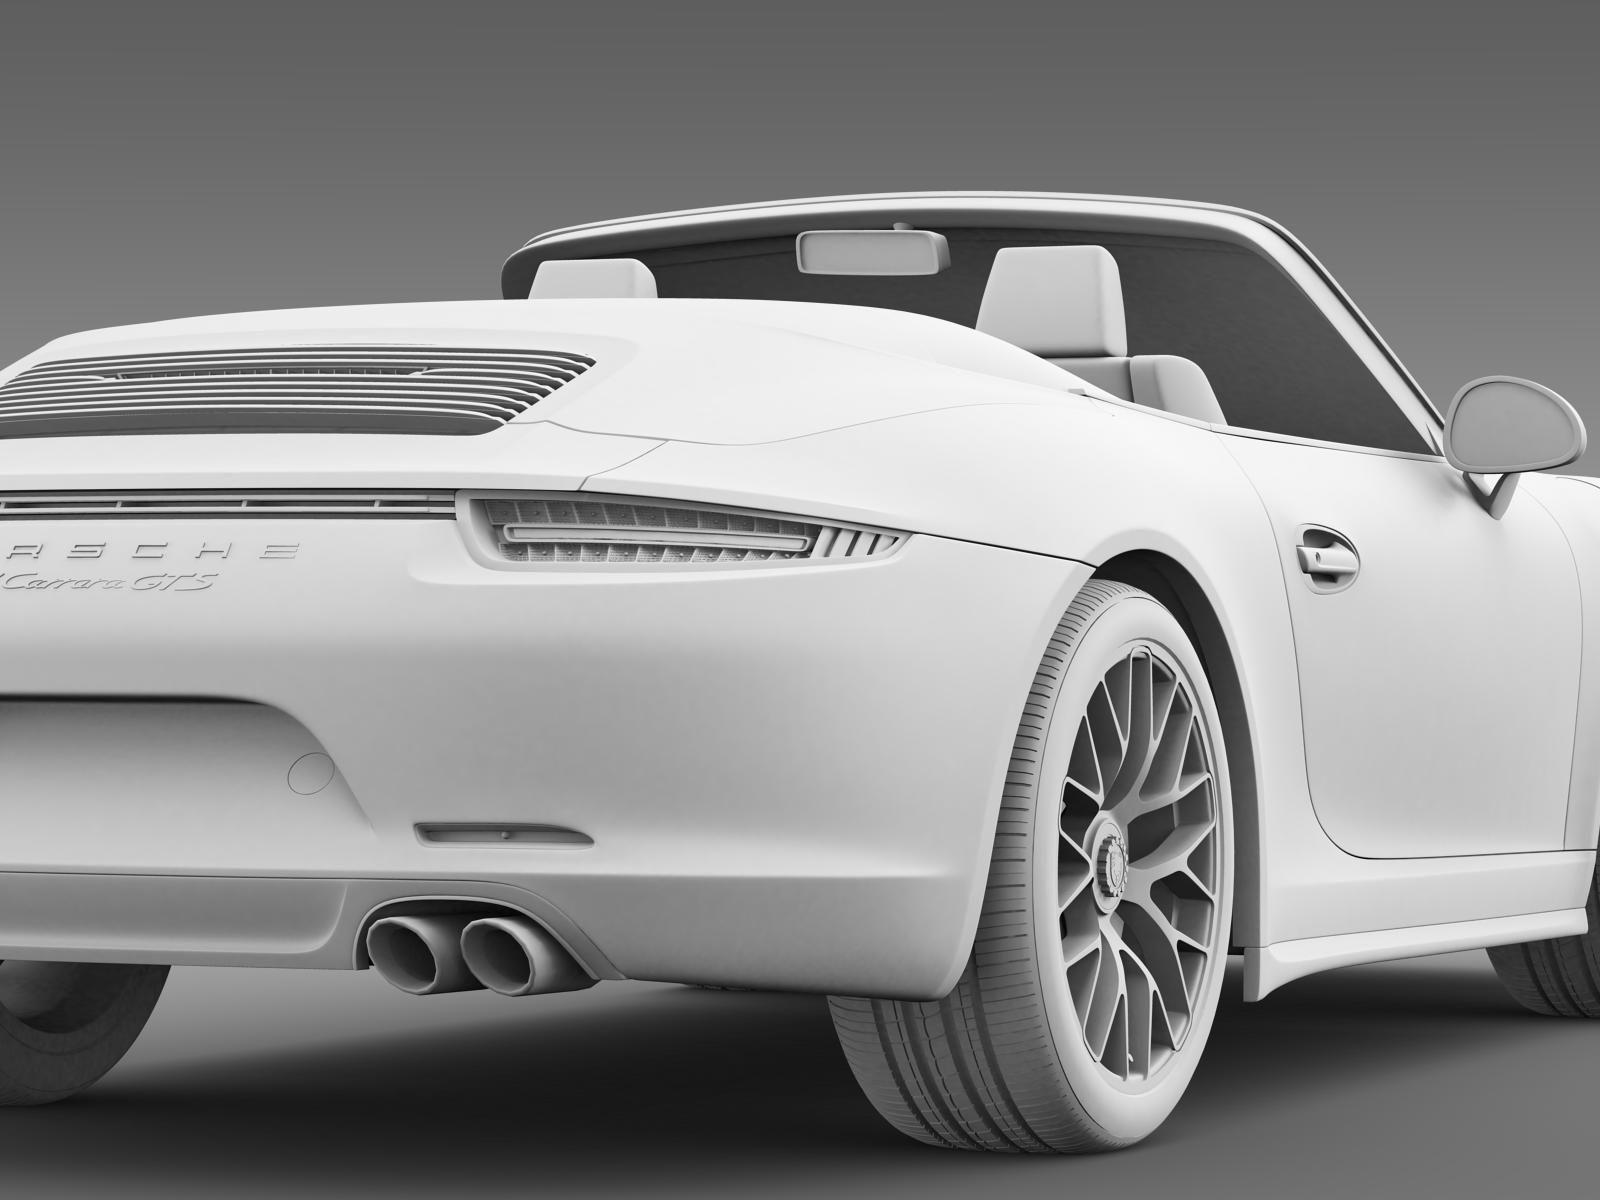 porsche 911 carrera gts cabriolet 991 2015 3d model max. Black Bedroom Furniture Sets. Home Design Ideas